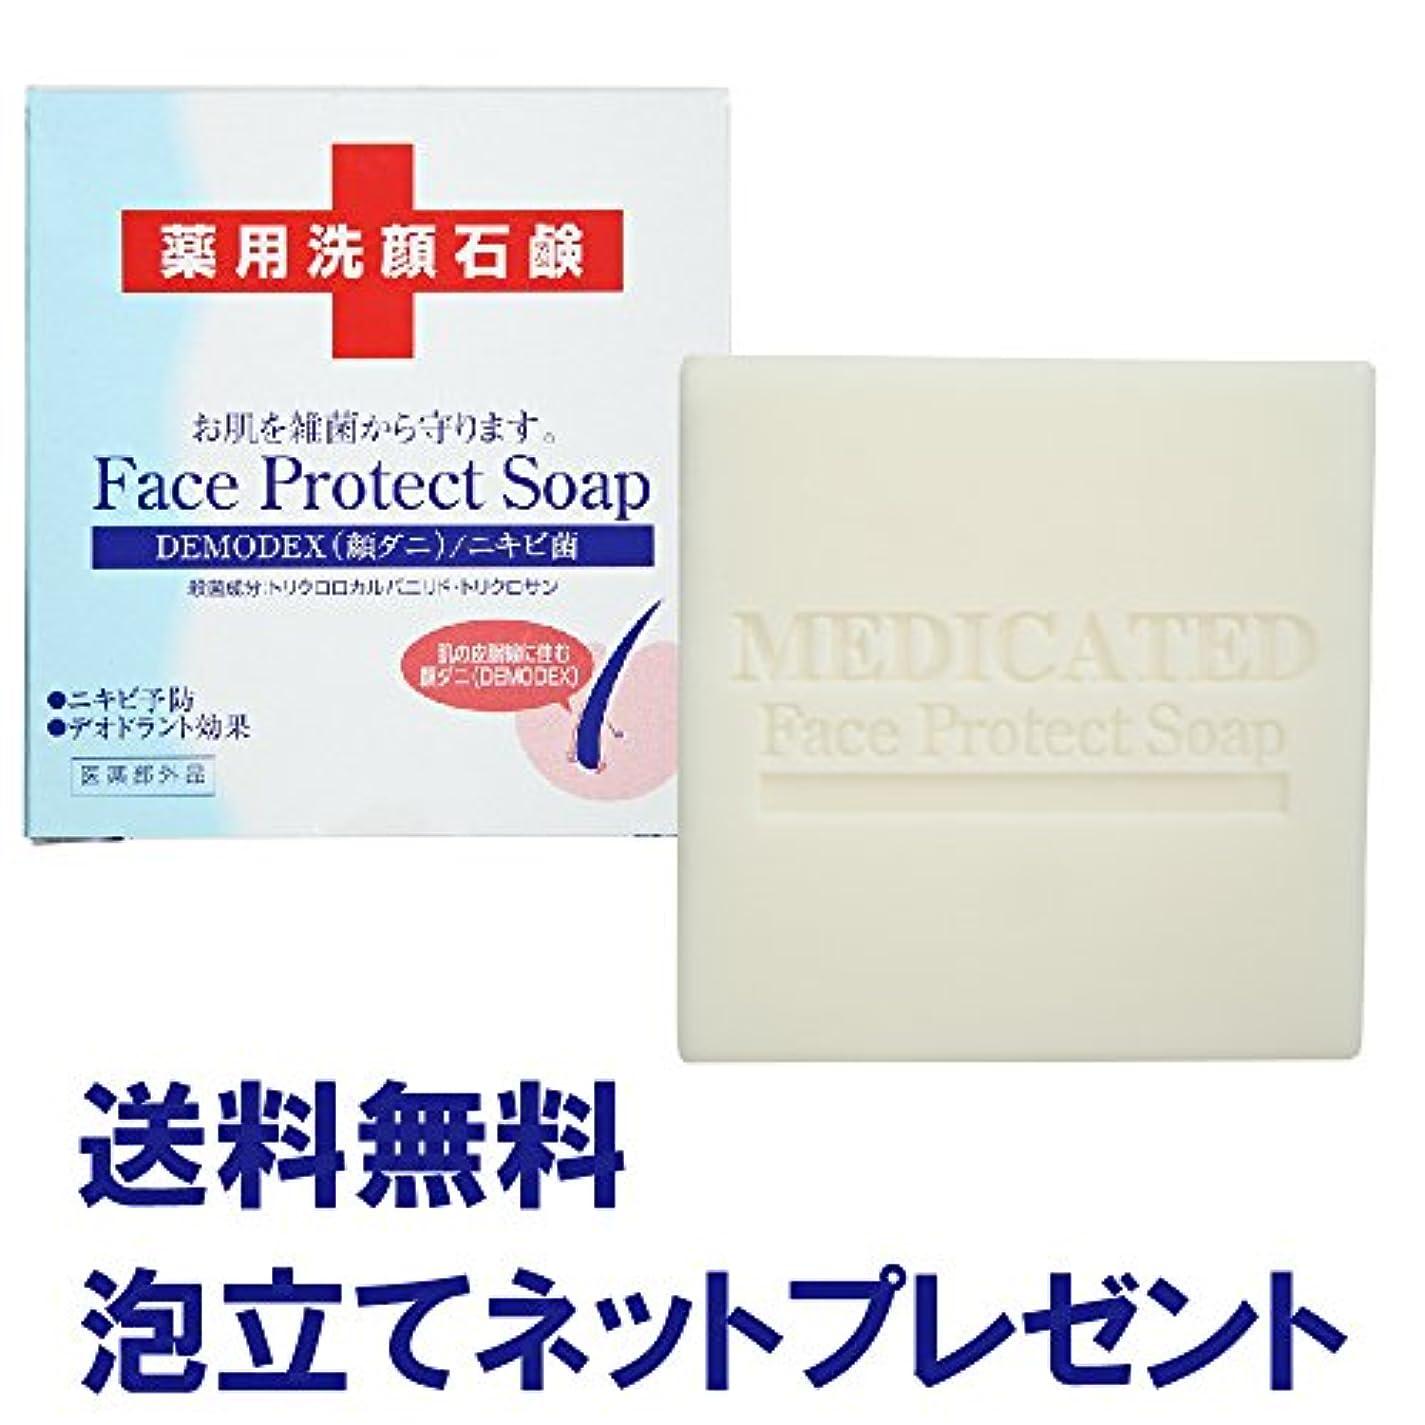 顔ダニ?ニキビ対策 薬用洗顔石鹸 ダイム 薬用フェイスプロテクトソープ 115g 泡立てネットプレゼント